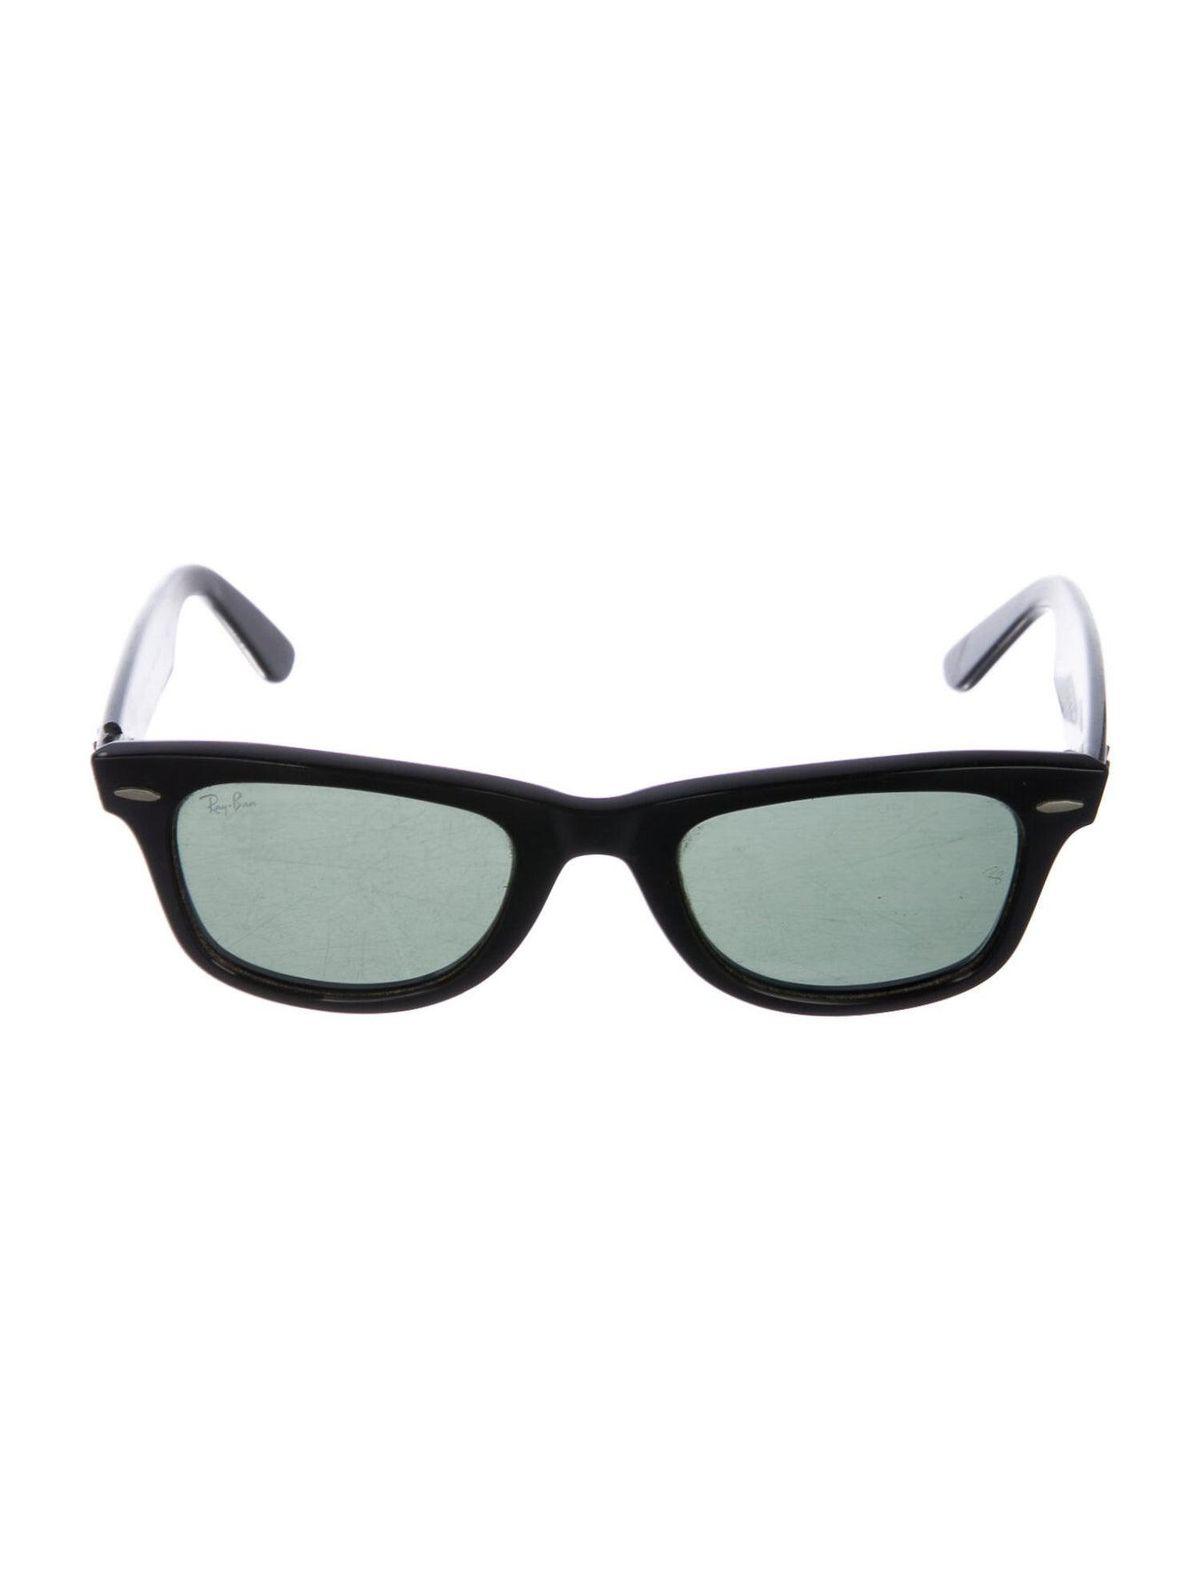 ray ban wayfarer tinted sunglasses